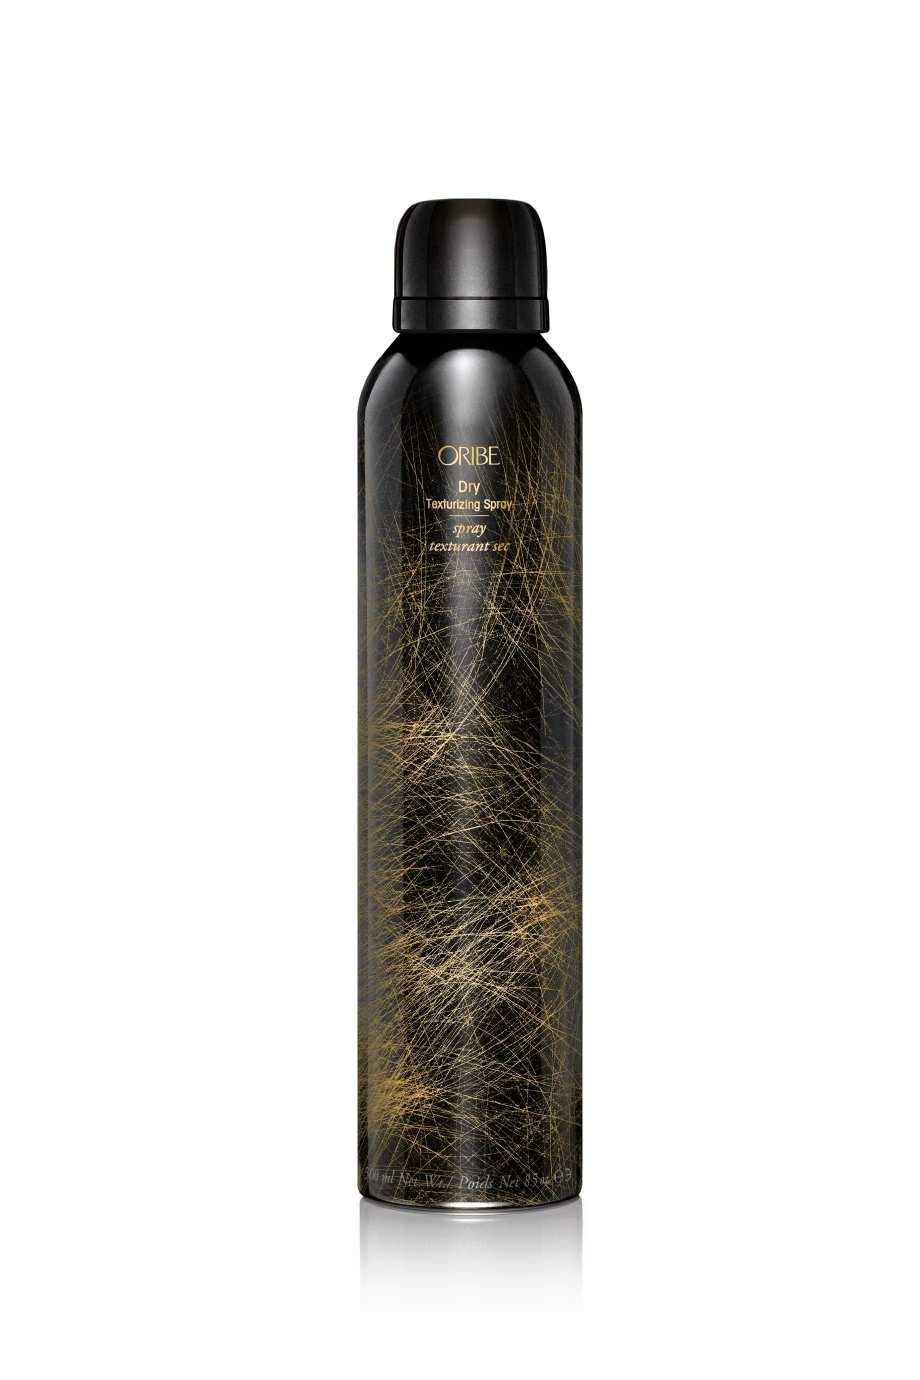 Спрей для сухого дефинирования лак-текстура / Dry Texturizing Spray 300 мл